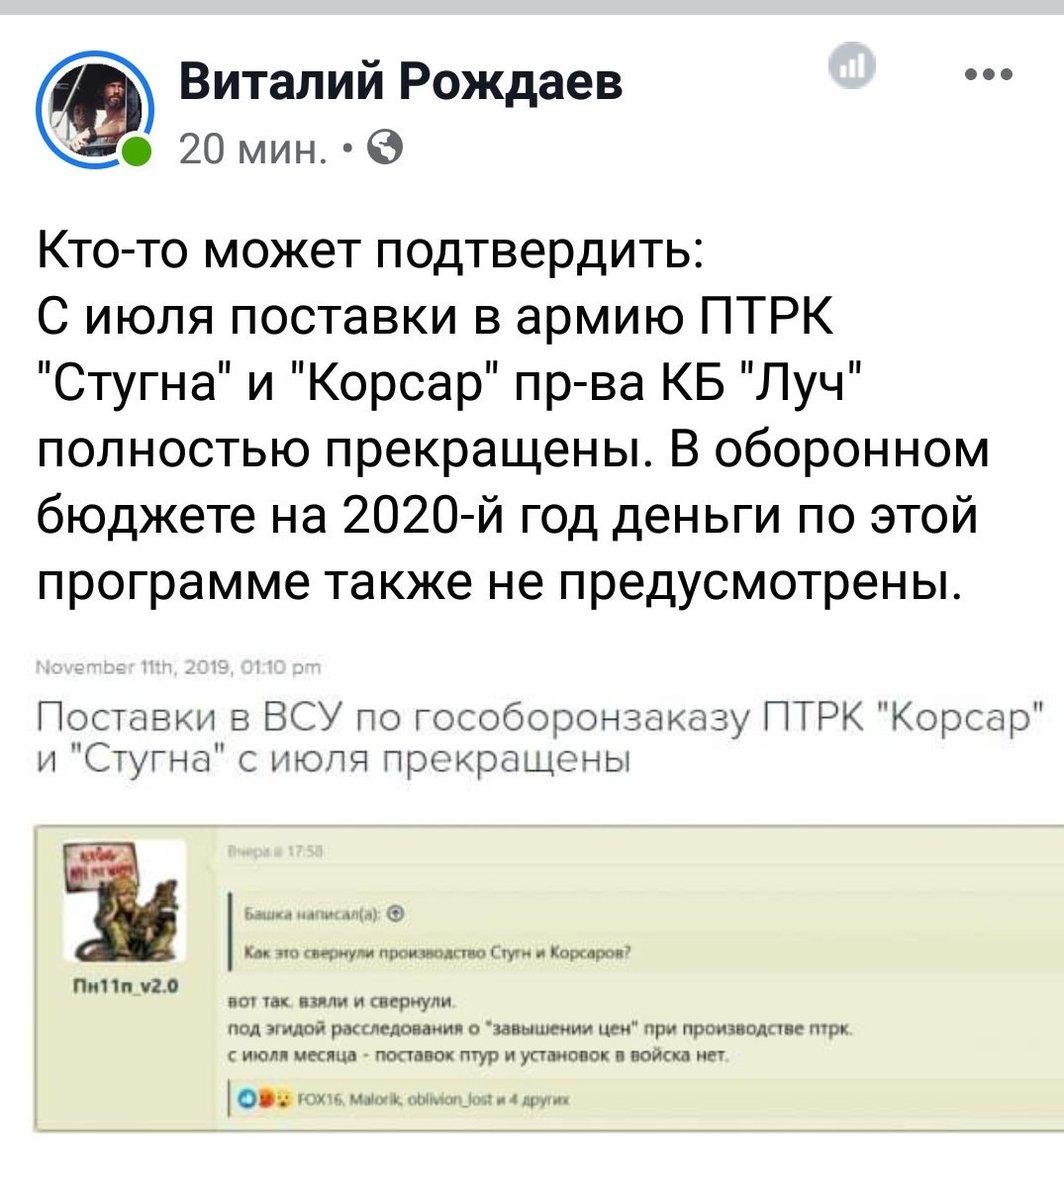 Радник президента Єрмак підтвердив швидке повернення Україні захоплених РФ кораблів - Цензор.НЕТ 1379